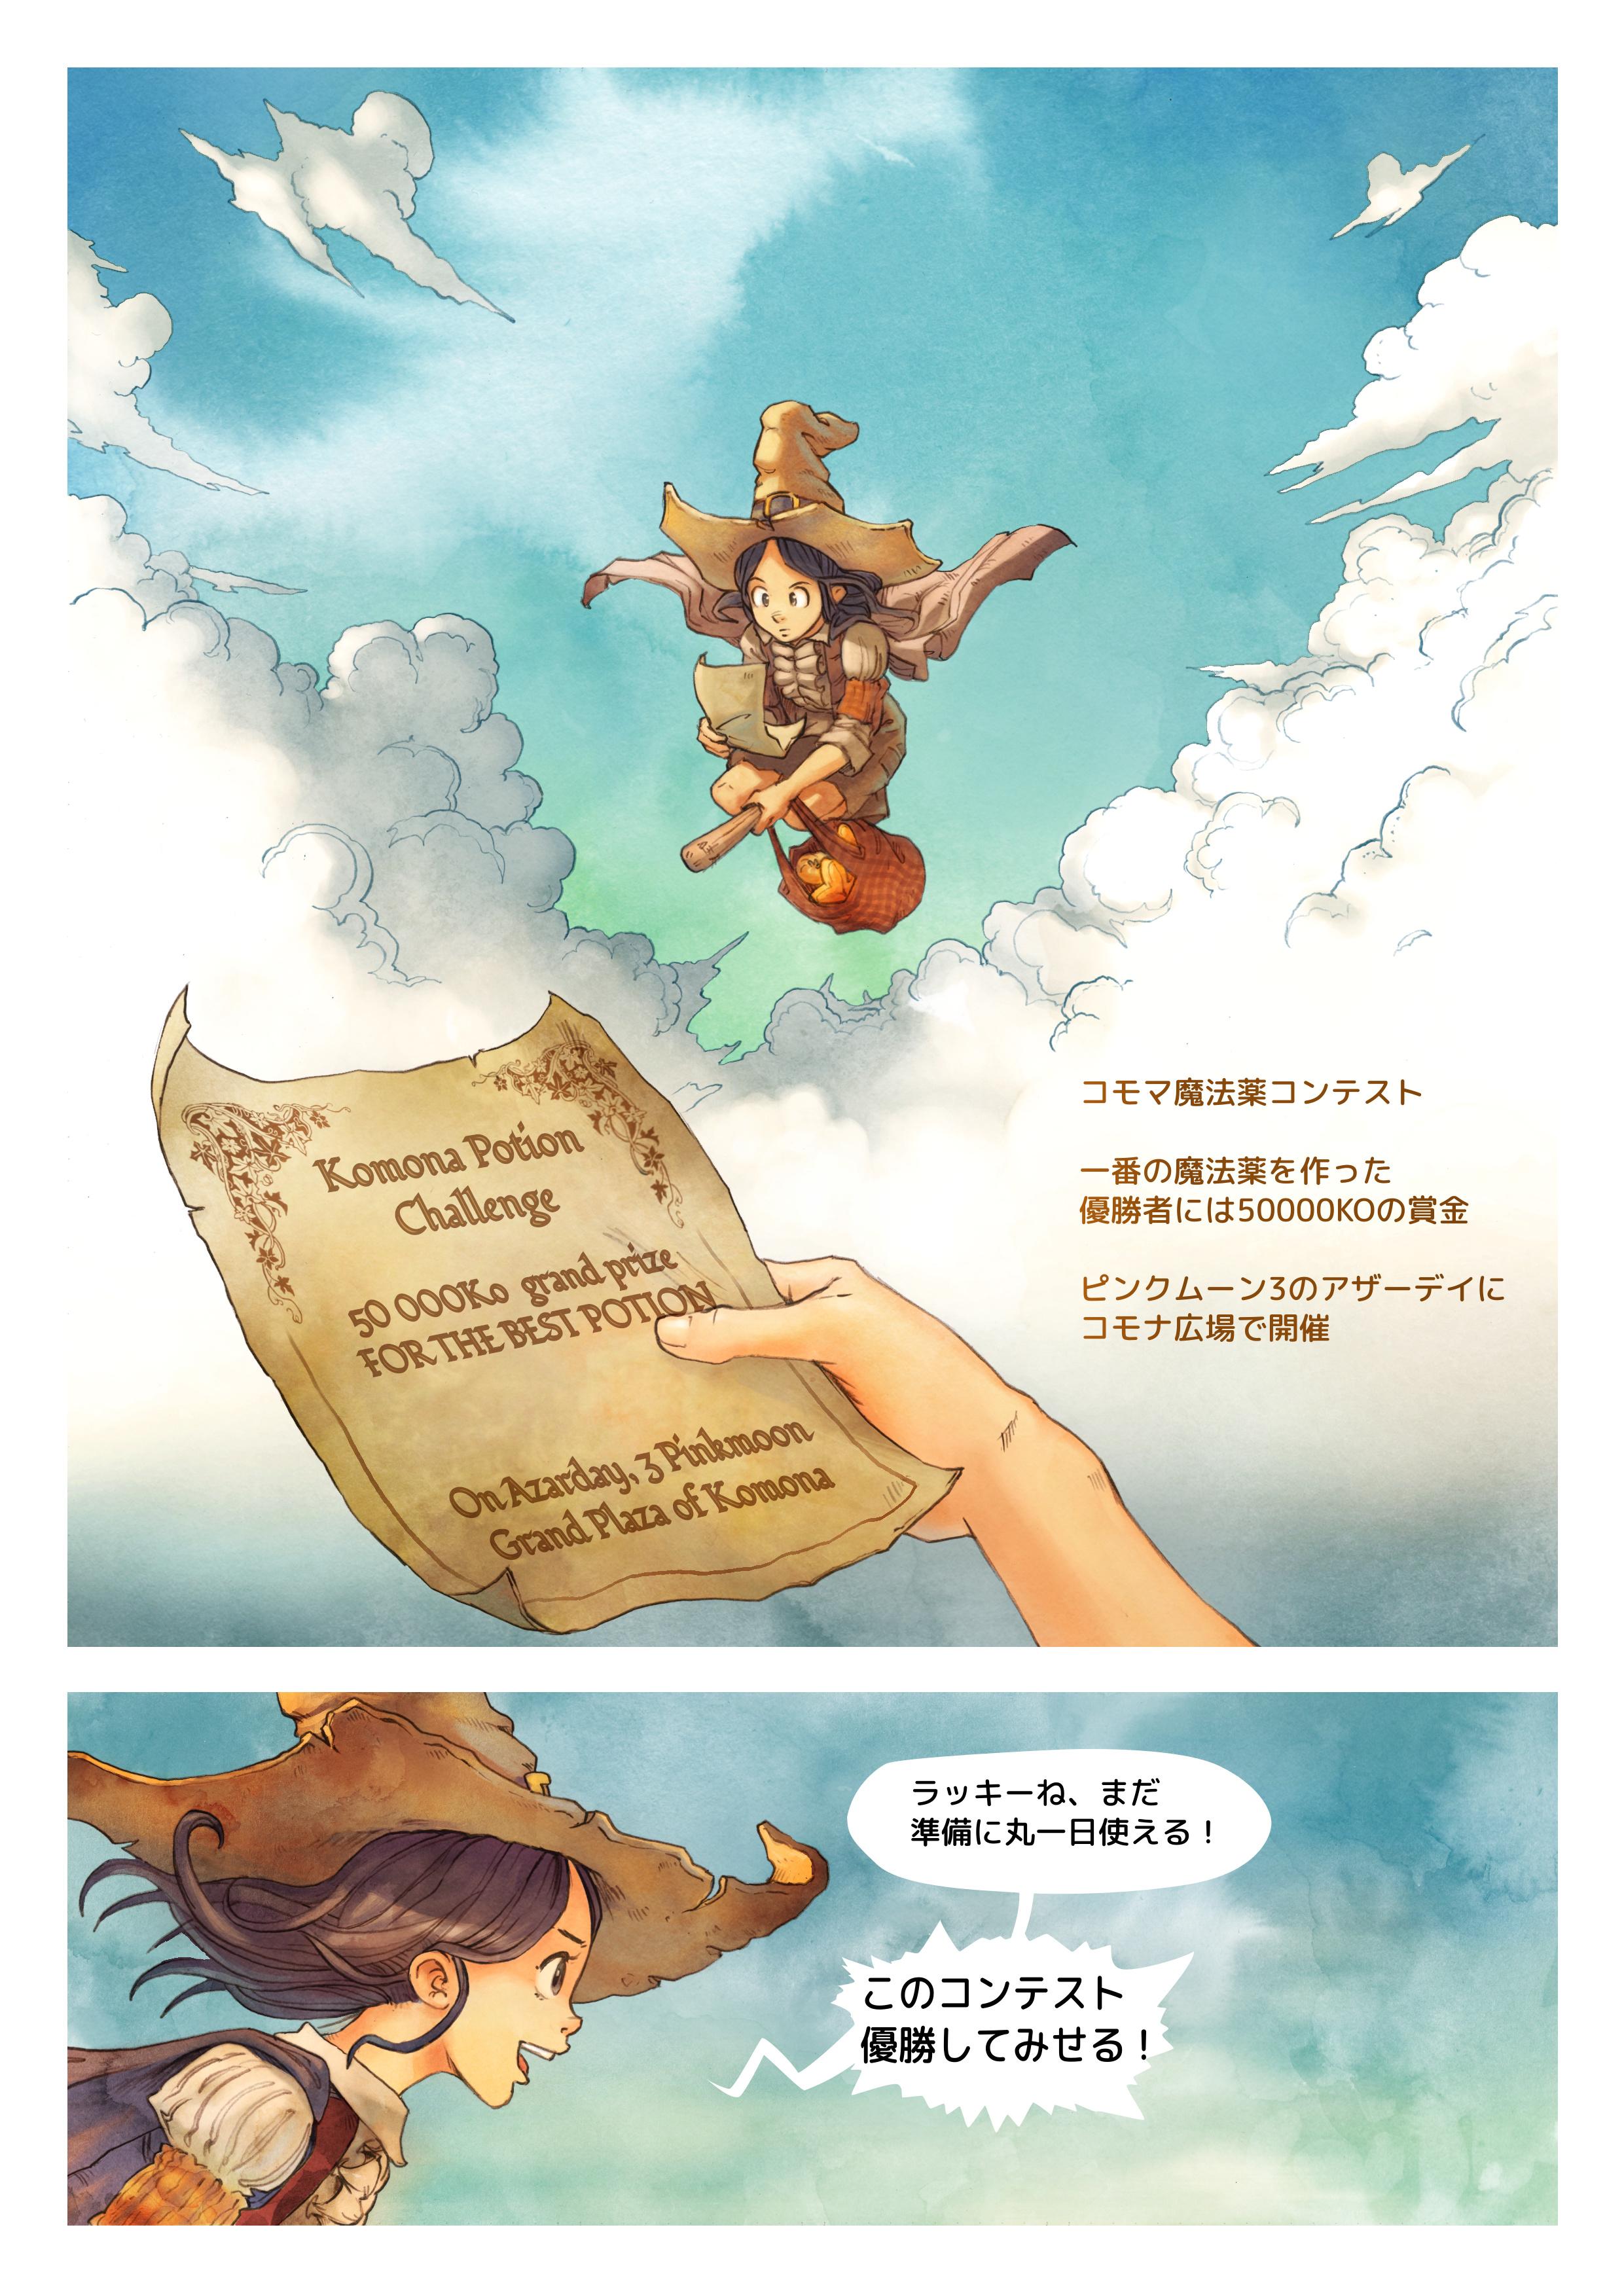 エピソード 3: 秘密の材料, ページ 3